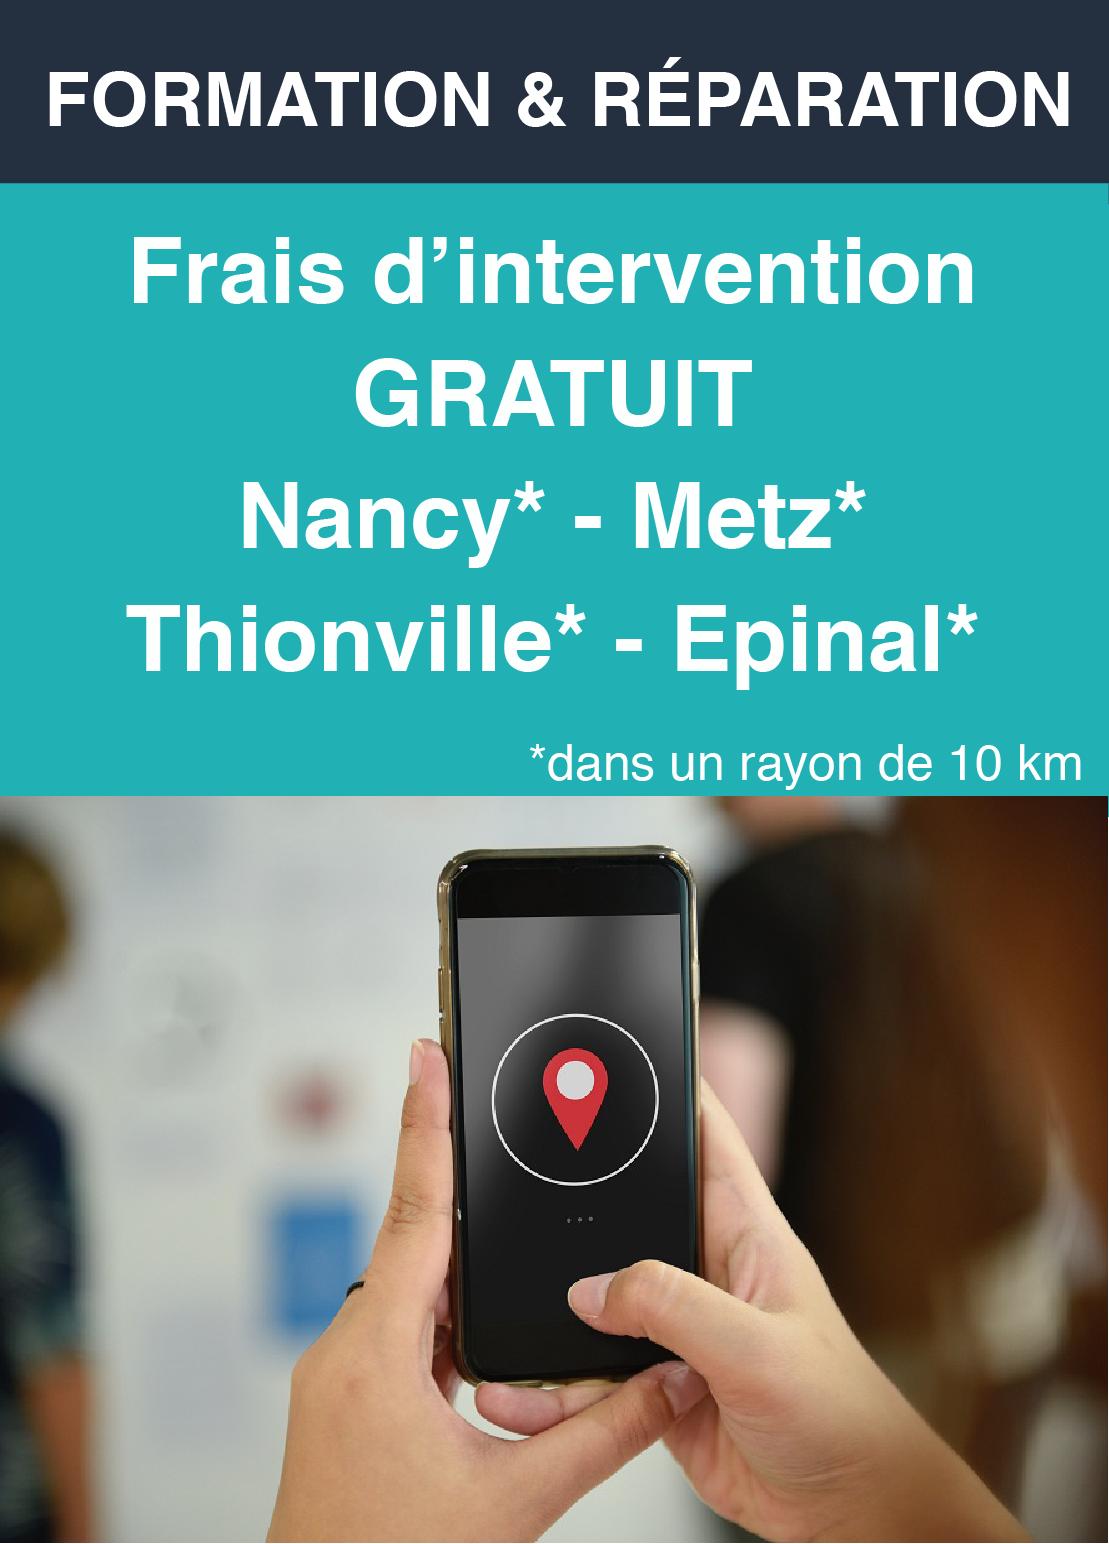 Frais d'intervention gratuit - Metz - Nancy - Thionville